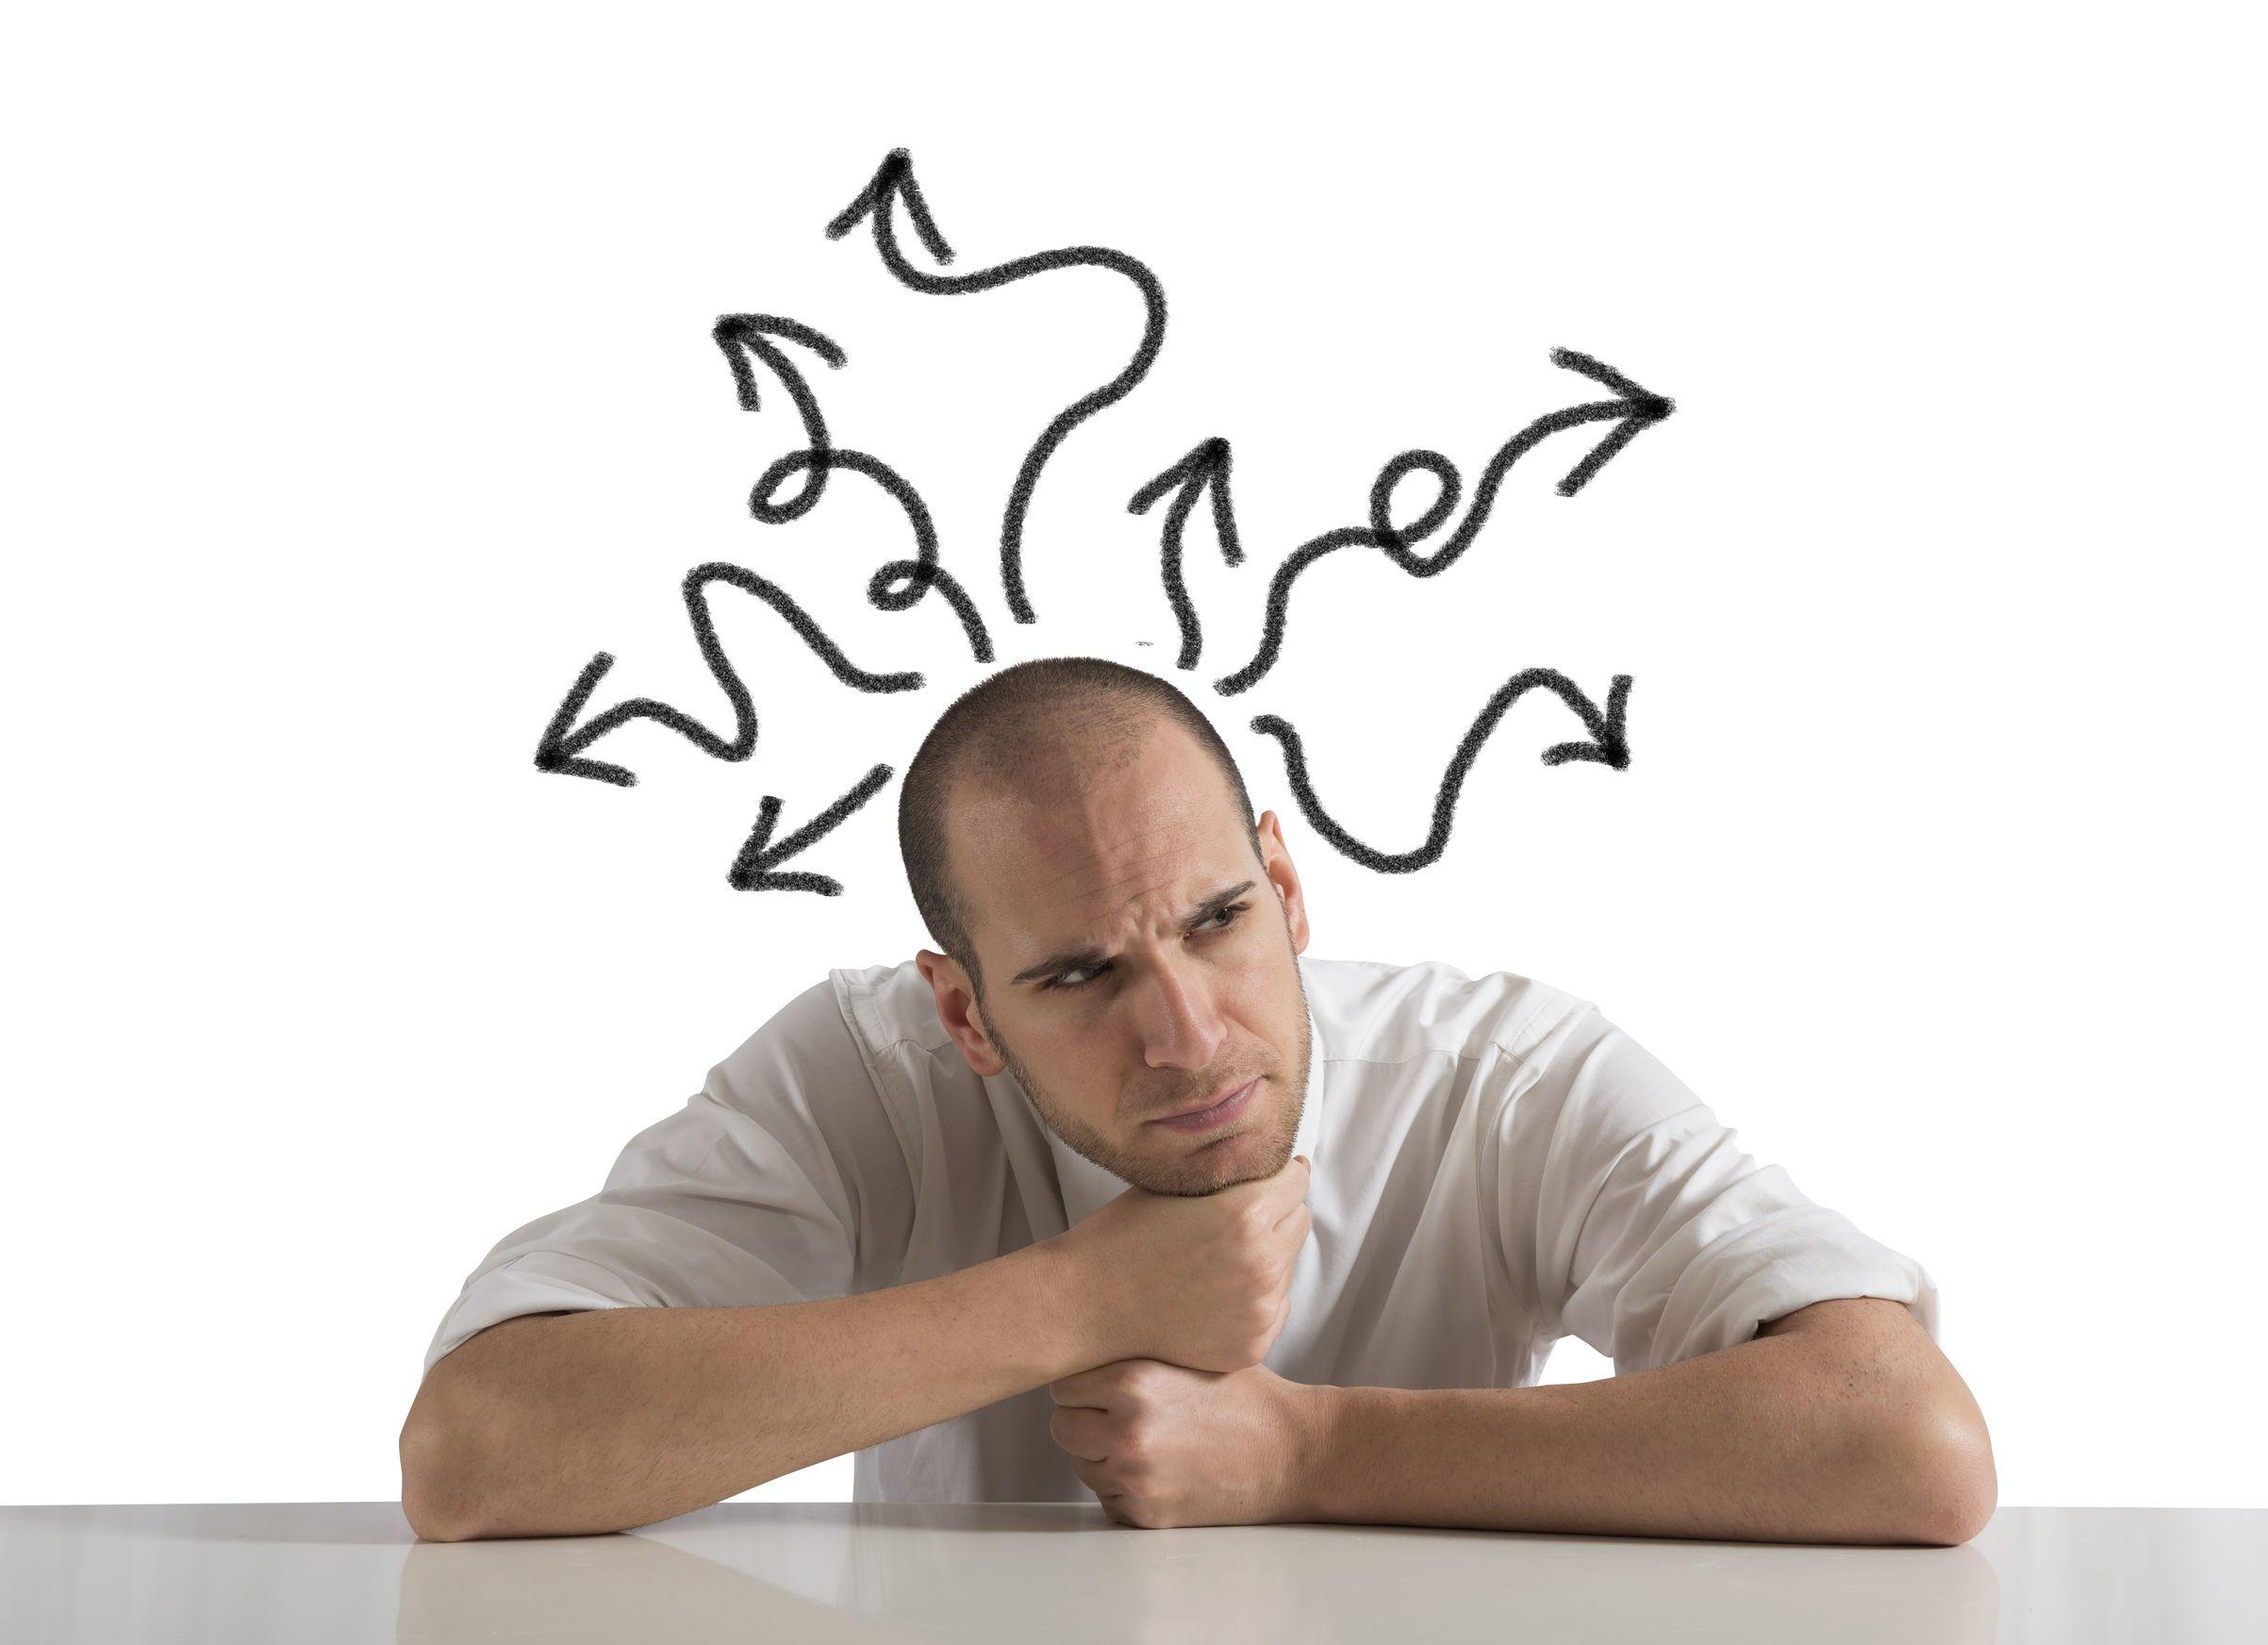 Упражнение «антипод» направлено на превращение негативных черт характера в позитивные